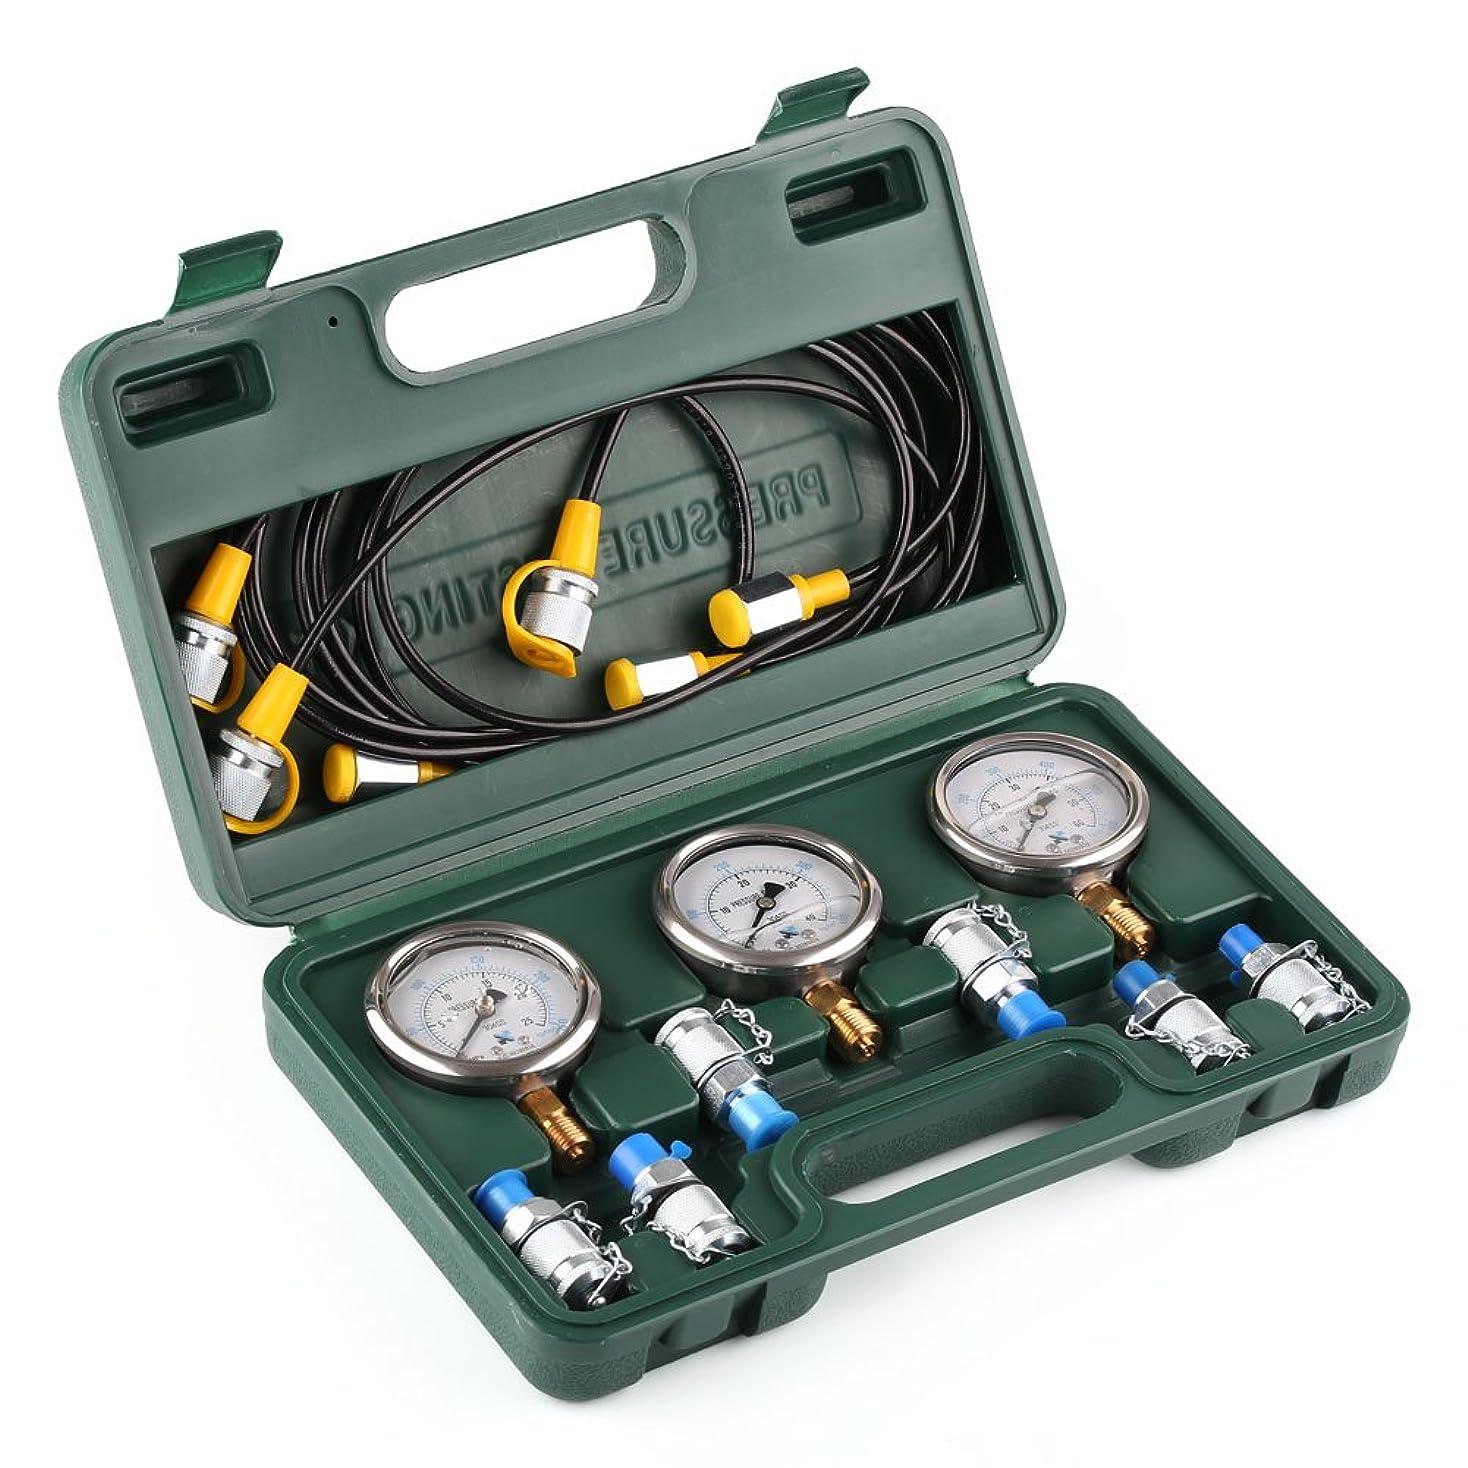 有利ズーム氏VERY100 XZTK-60 ショベル建設機械 水圧テストキット 収納ケース付き